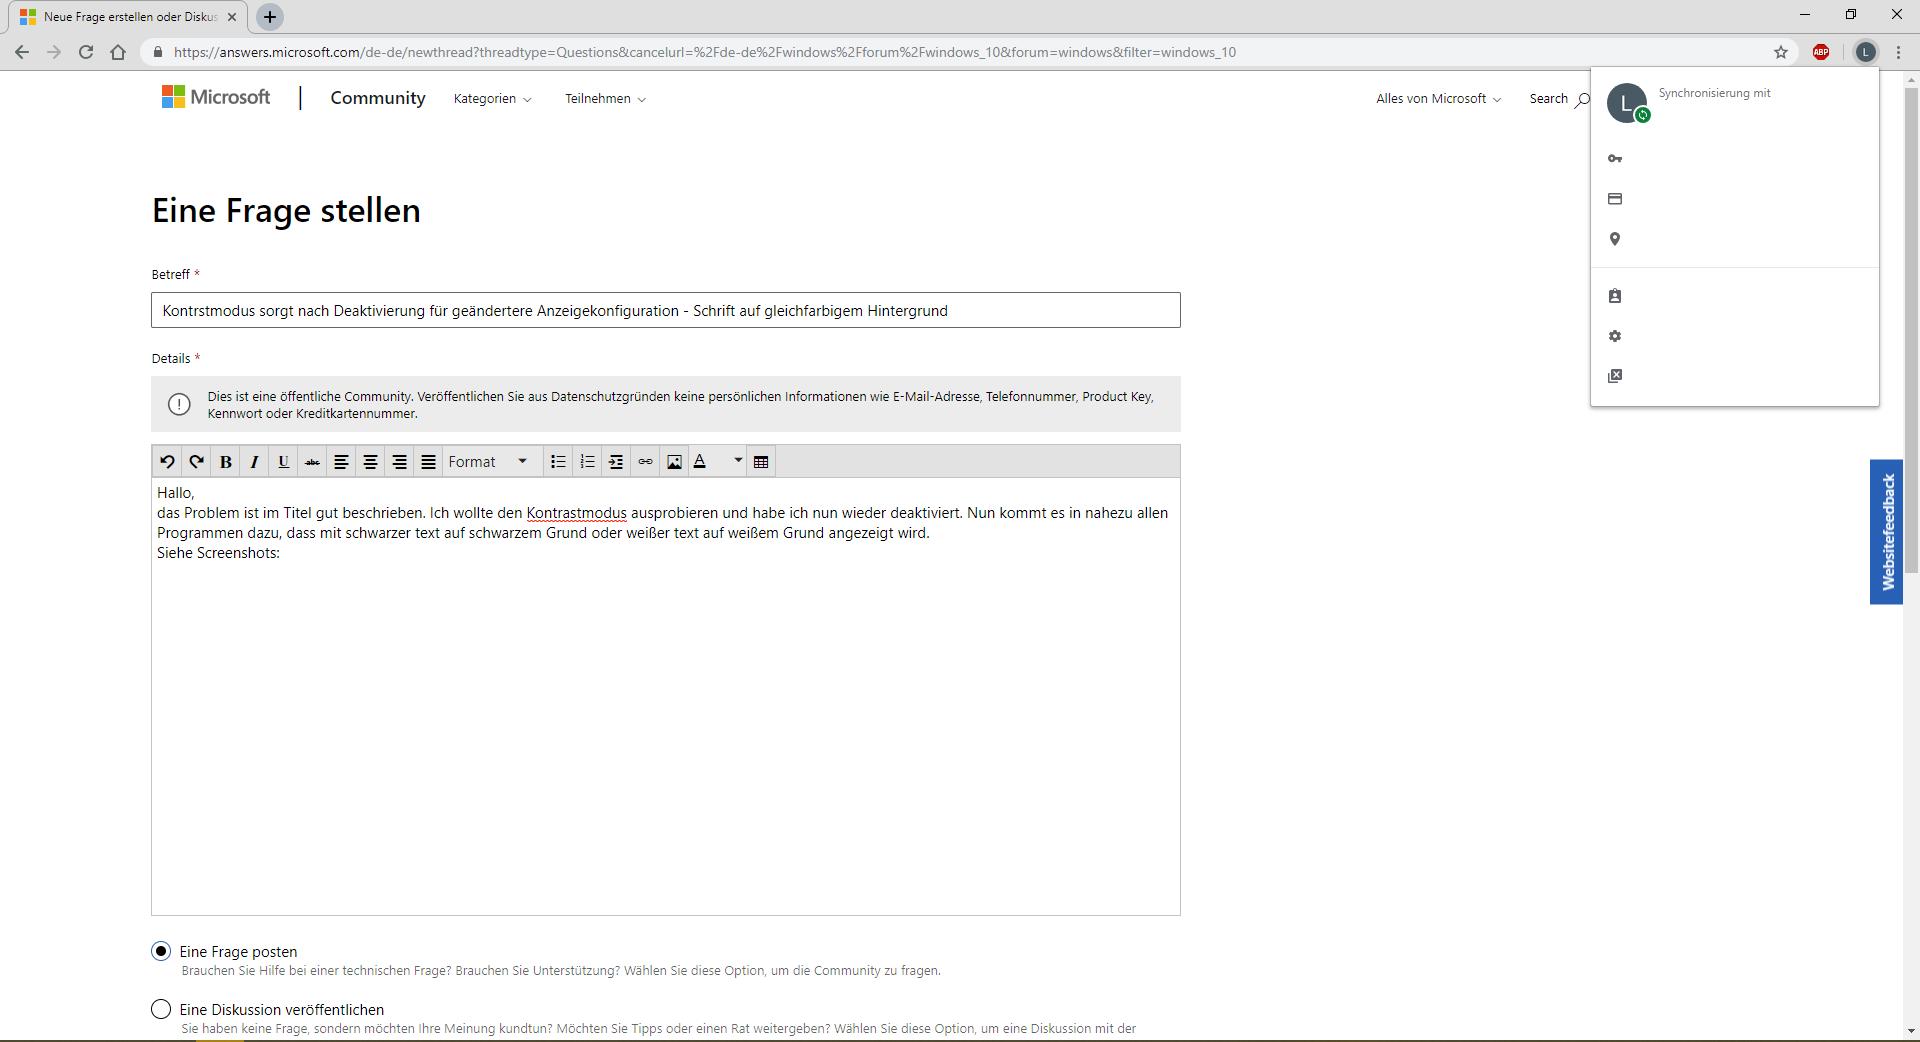 Kontrastmodus sorgt nach Deaktivierung für geändertere Anzeigekonfiguration - Schrift auf...